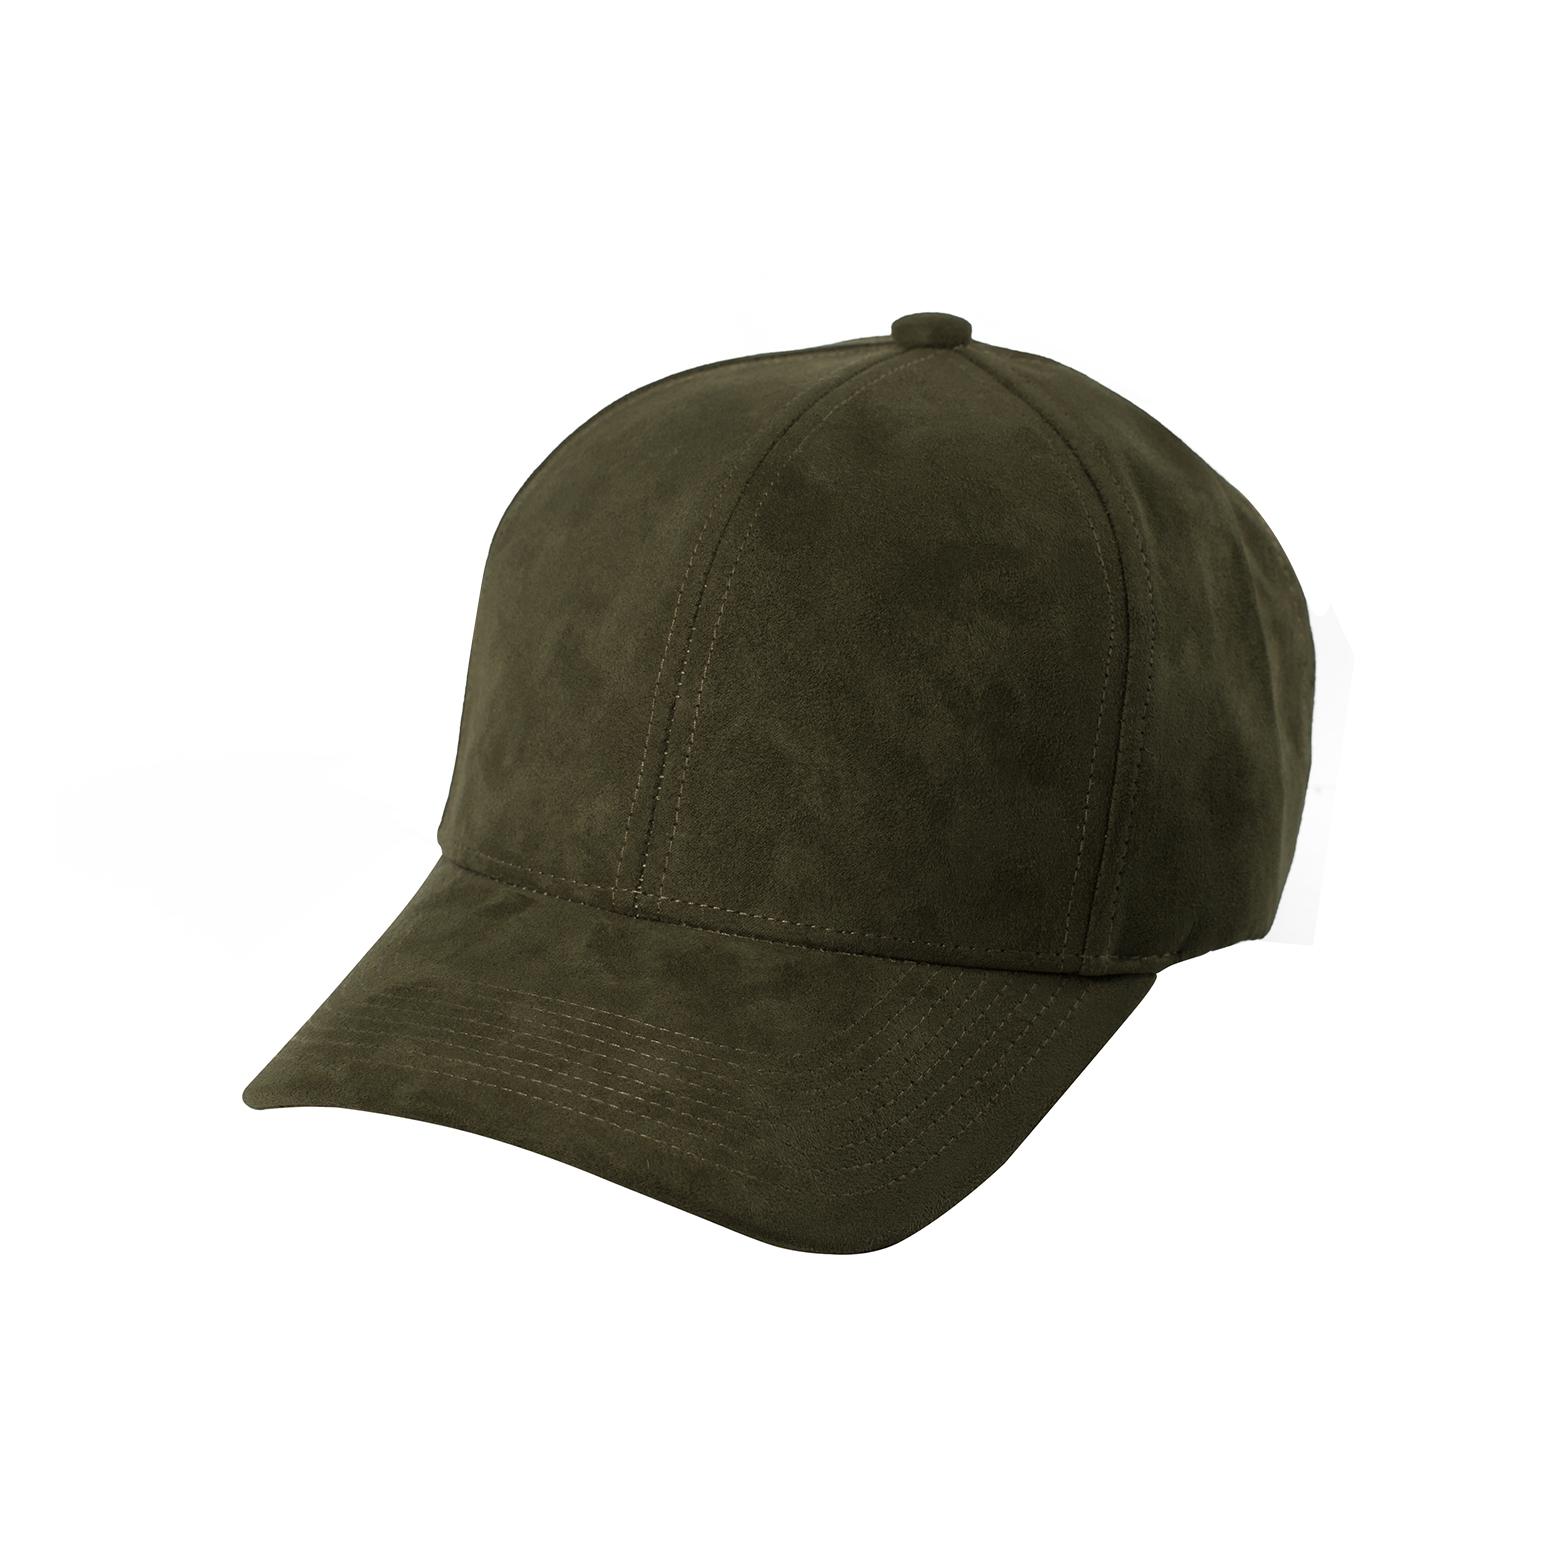 BASEBALL CAP OLIVE SUEDE FRONT SIDE